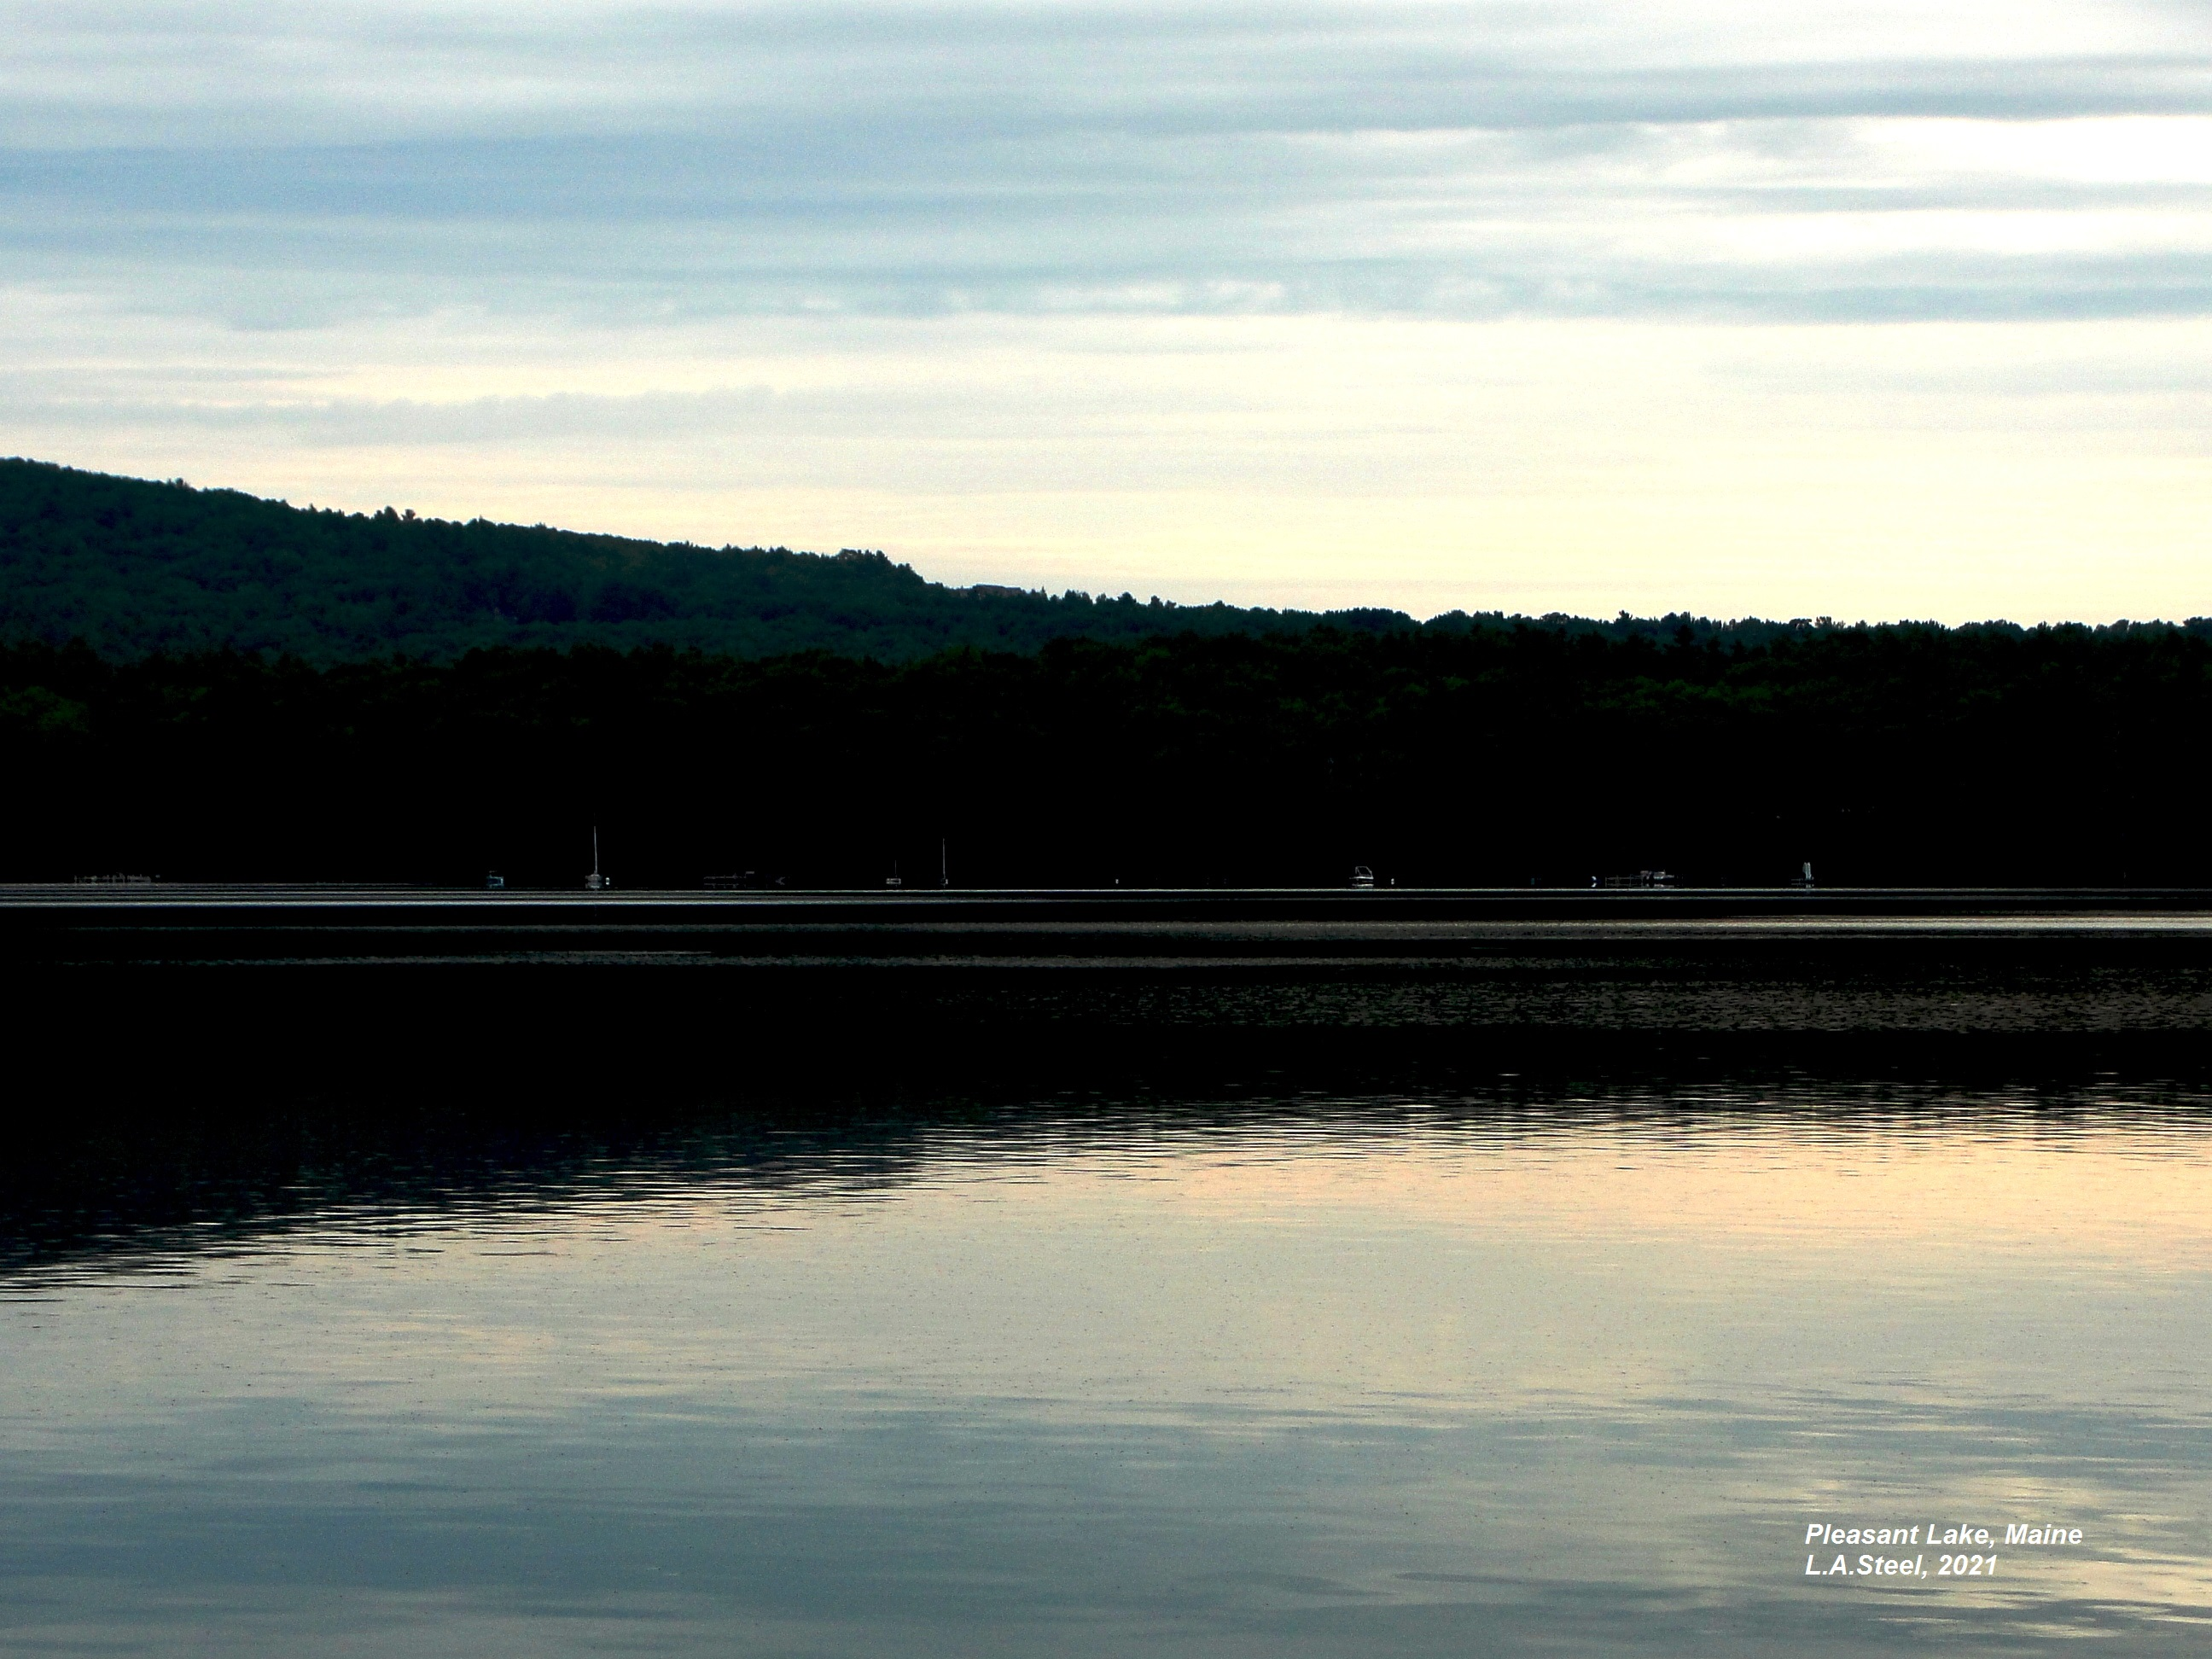 pleasant lake maine 2021.jpg 4